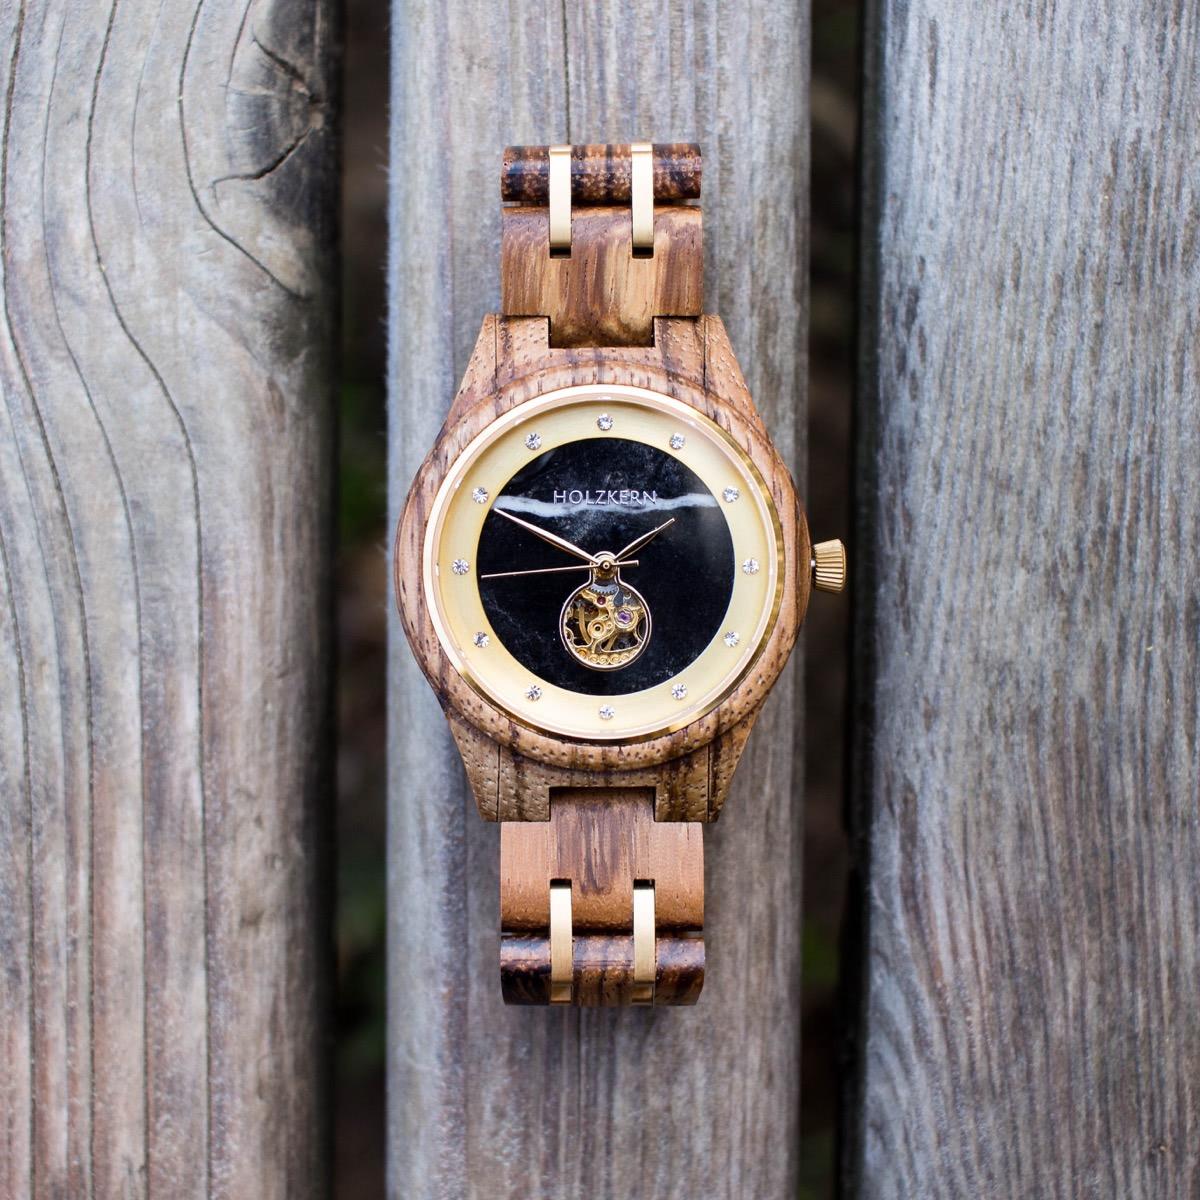 Automatik Holzuhr der Marke Holzkern mit Ziffernblatt aus schwarzem Marmor und Gehäuse aus Zebrano namens Rapunzel auf Holzbrettern